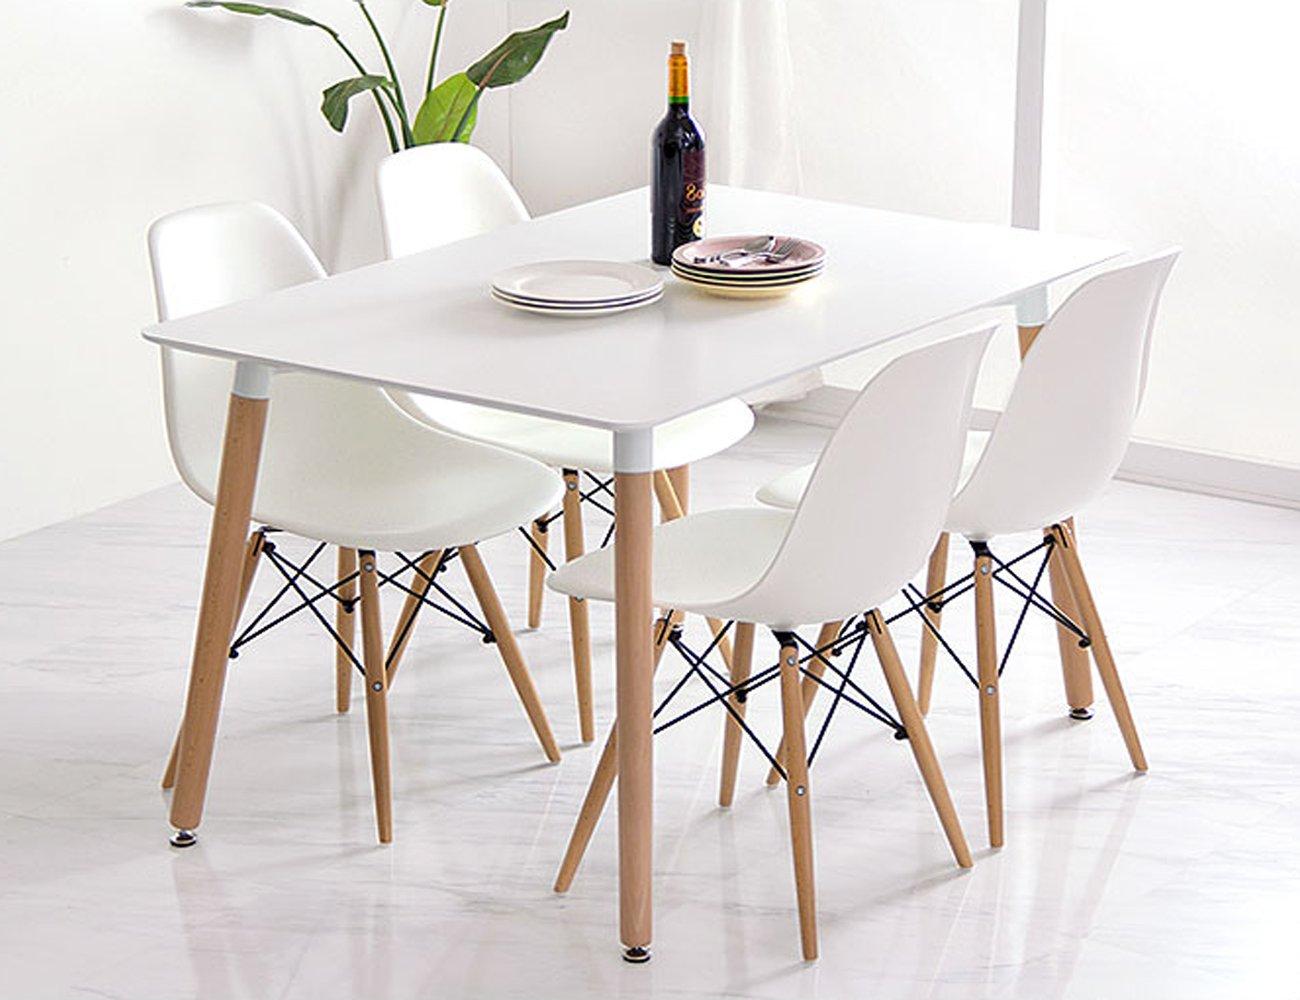 conjunto de comedor mesa lacada blanca y sillas tower x blanco amazones hogar